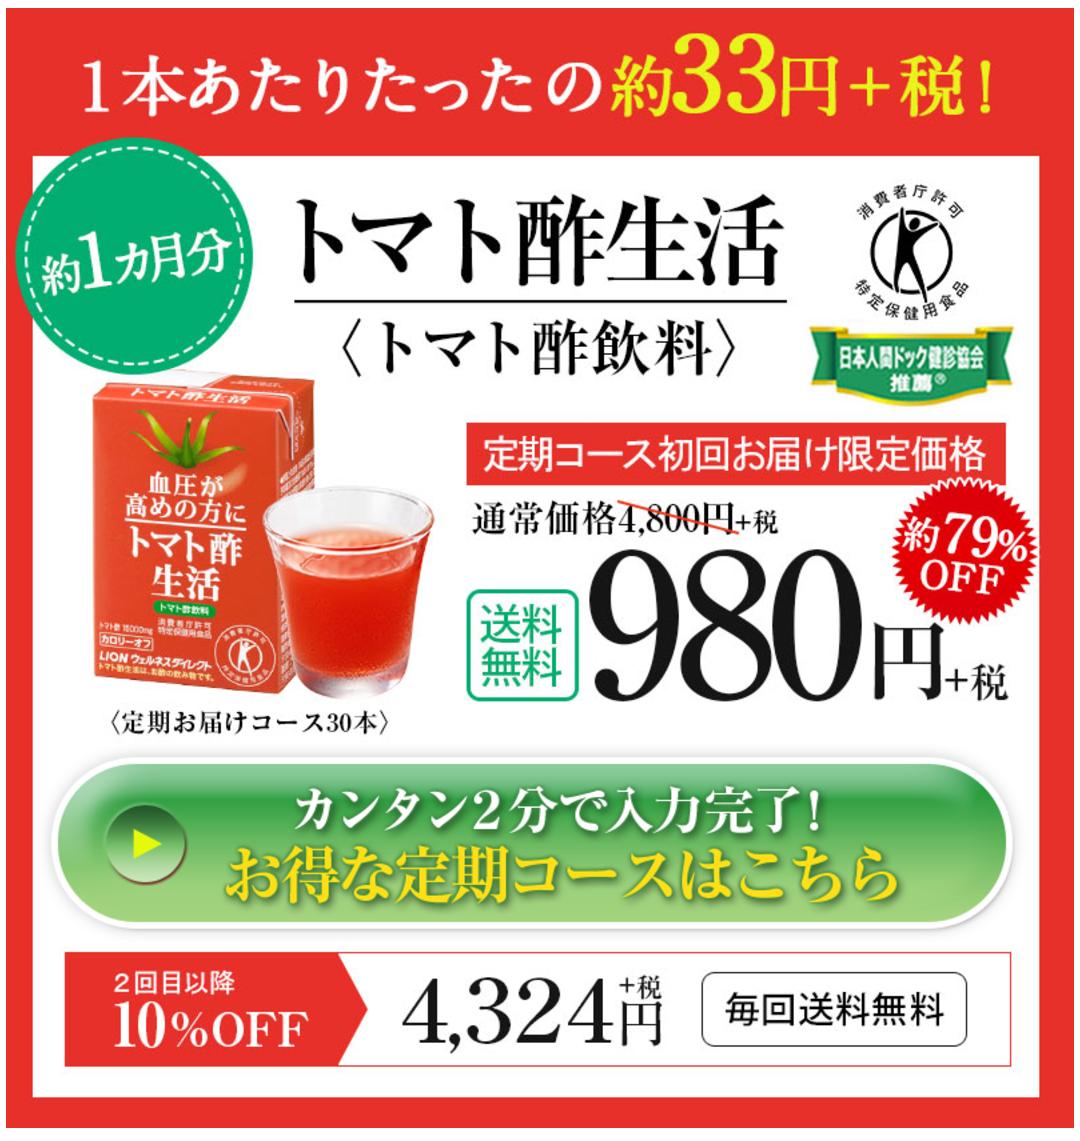 【最大92%還元】ライオンのトマト酢生活3ヶ月分をお得に購入